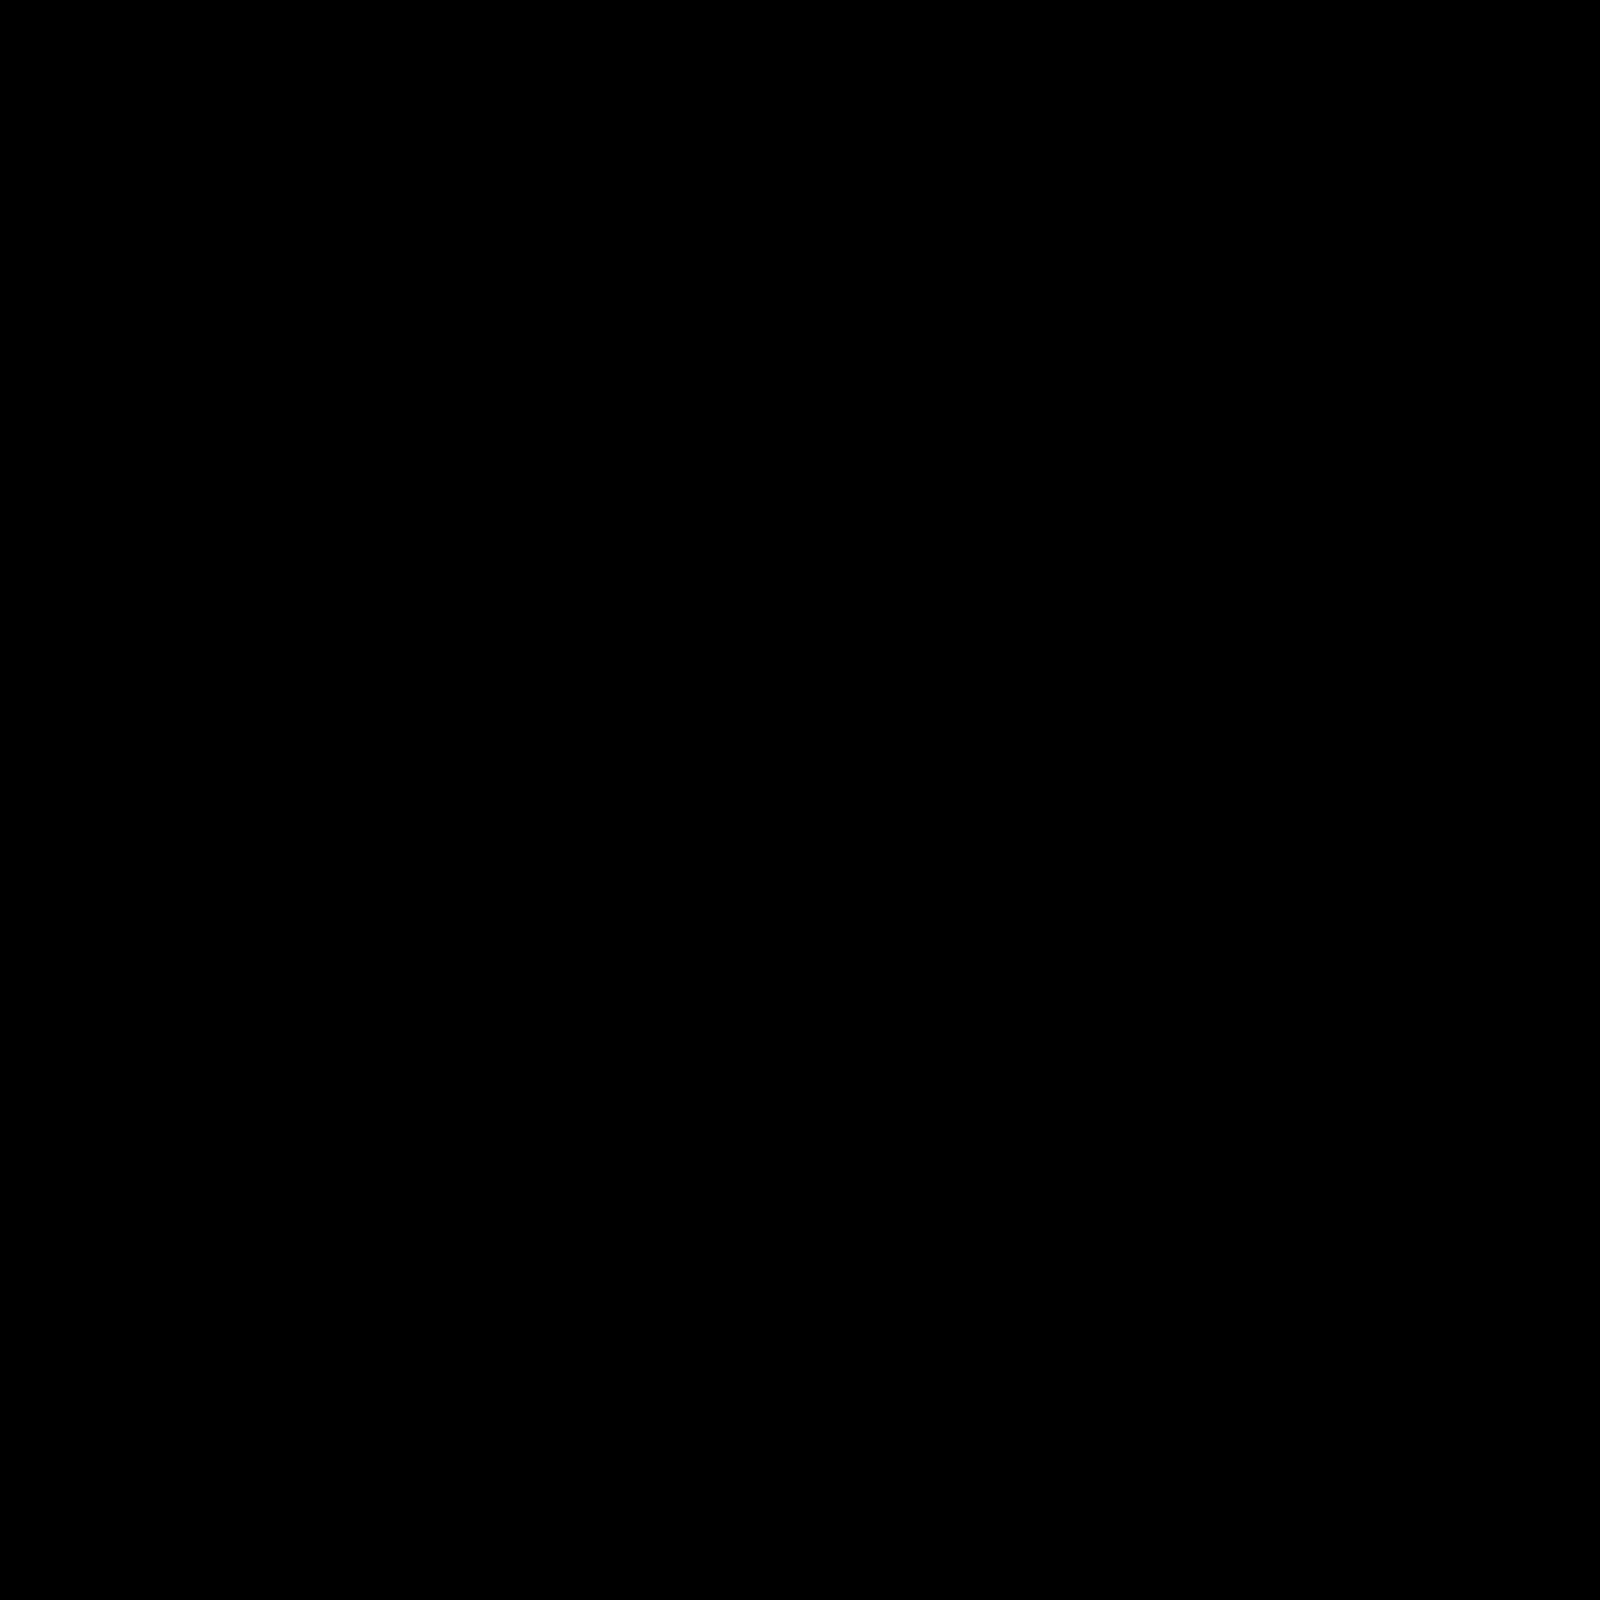 Logo Windows icon